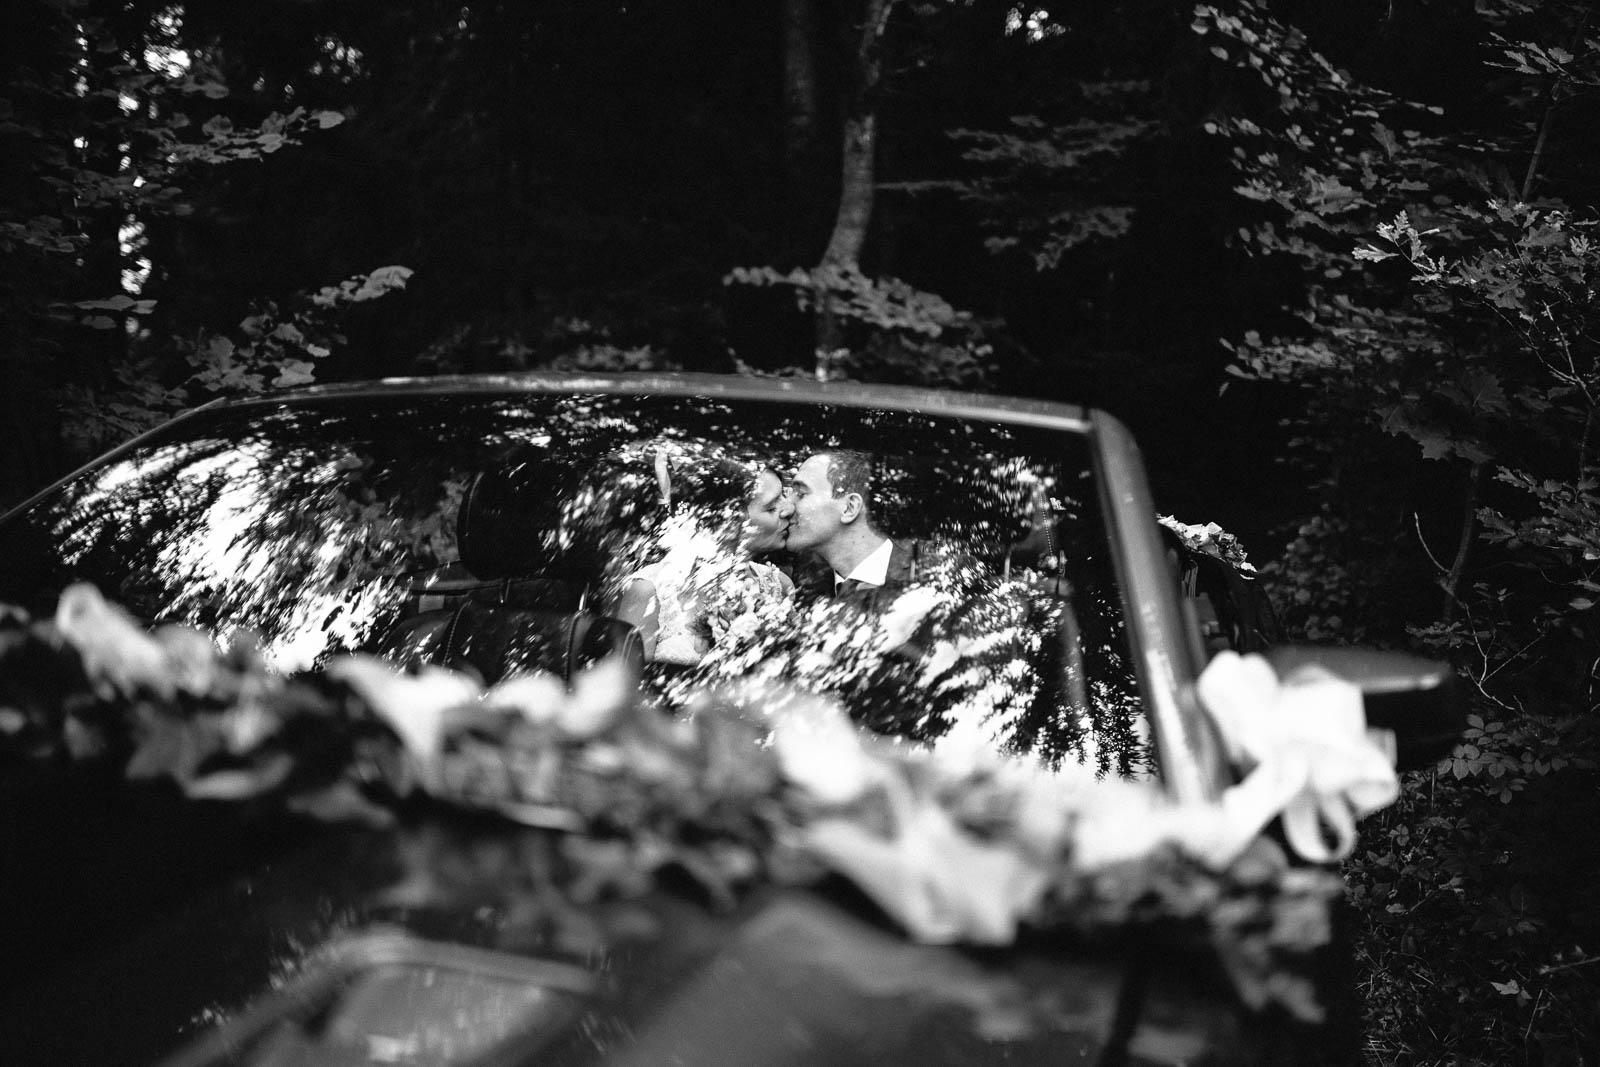 foxografie_sommerhochzeit_shooting_auto_img_0695